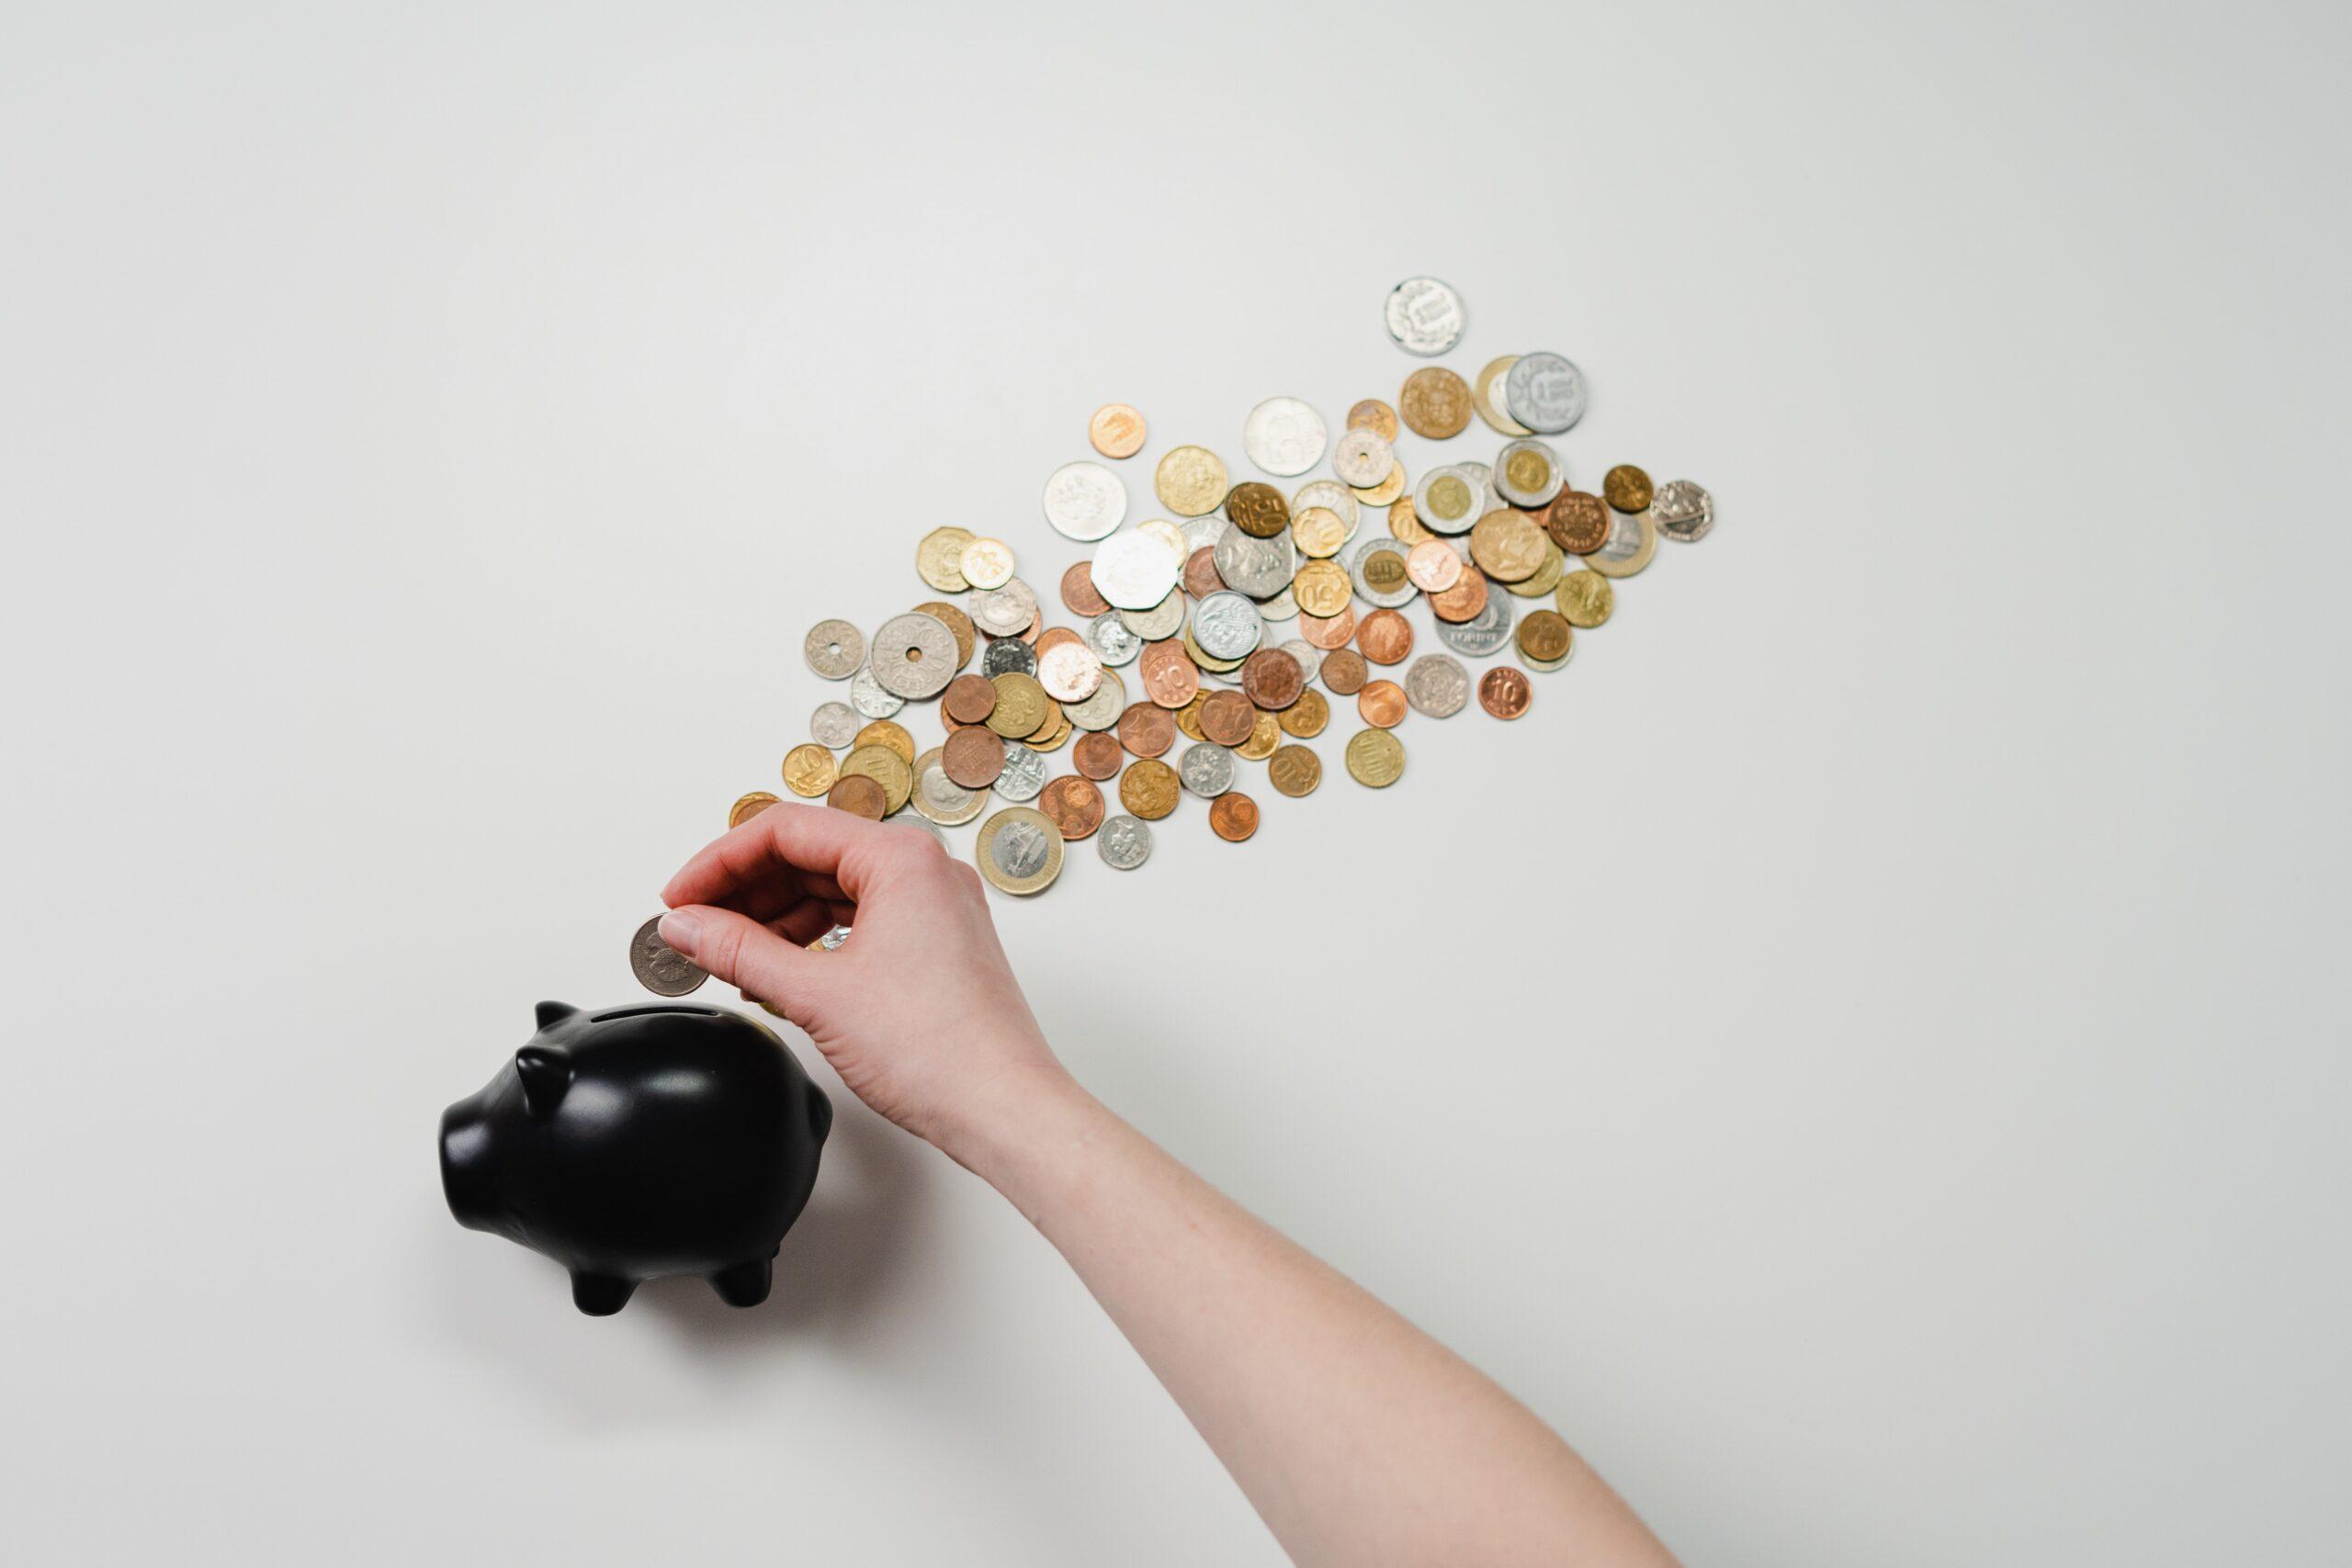 Czy fakt, że kredytobiorca spłacał kredyt we frankach uniemożliwia złożenie pozwu?